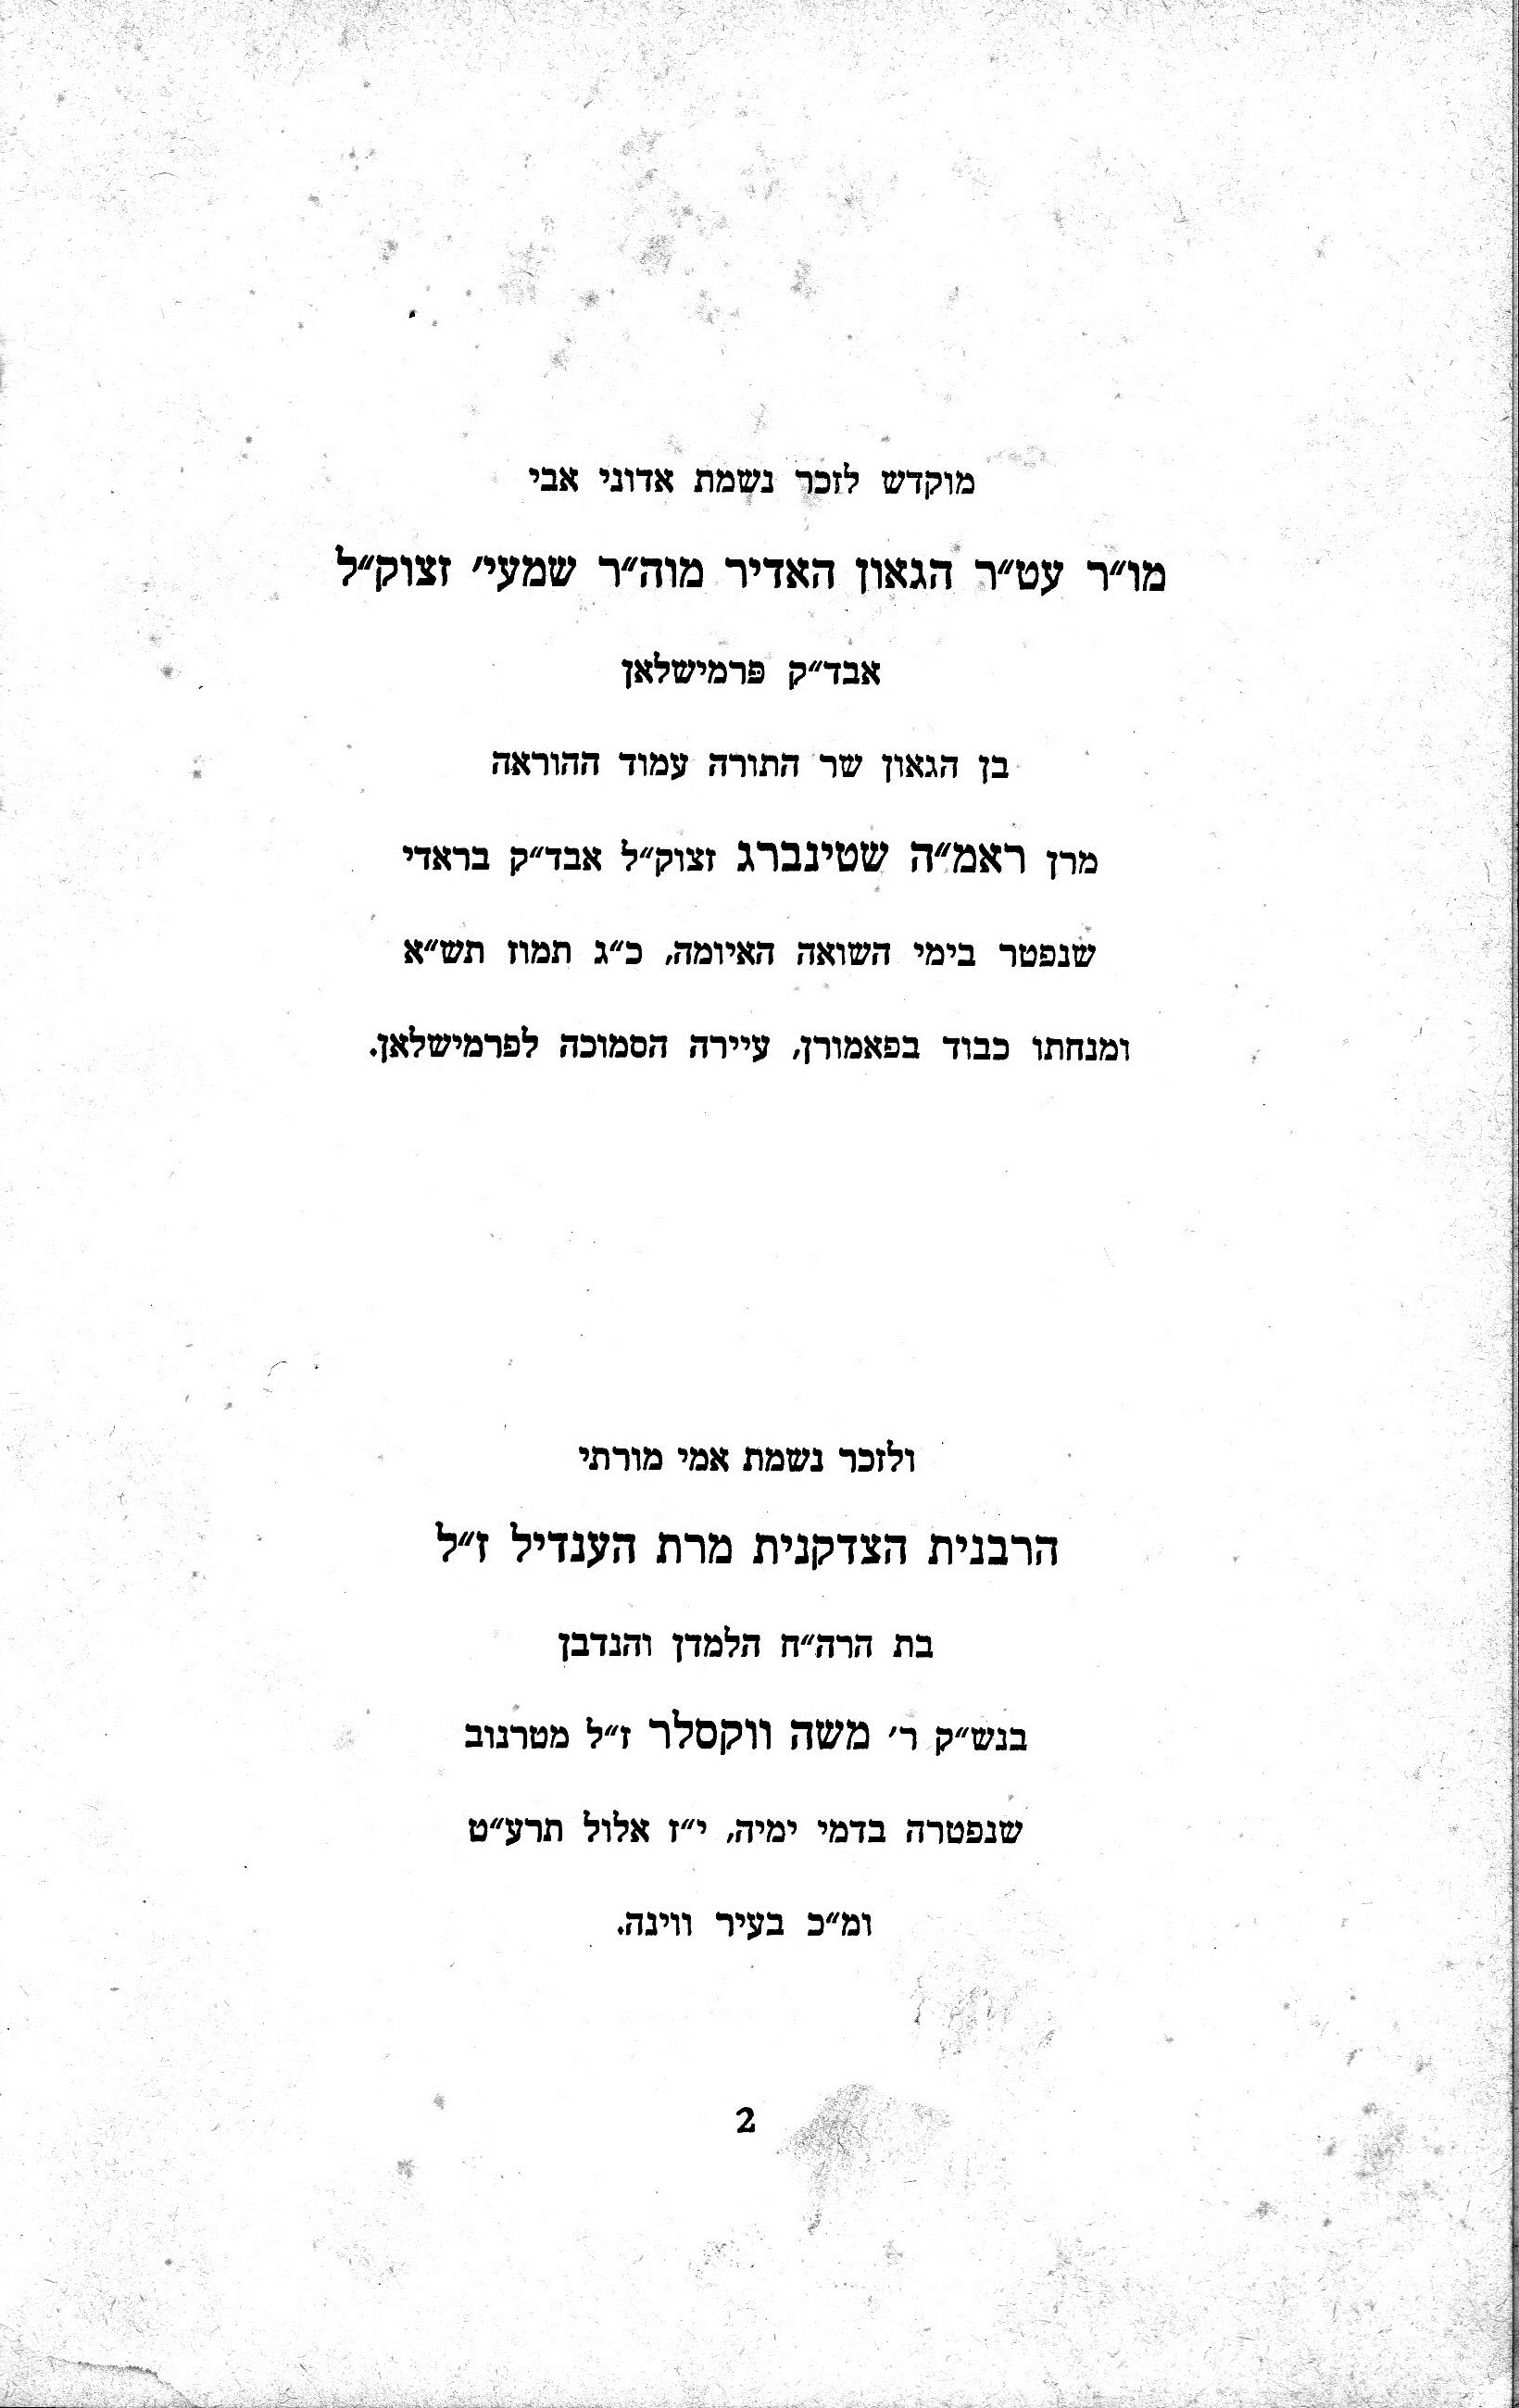 8d Meir_0002